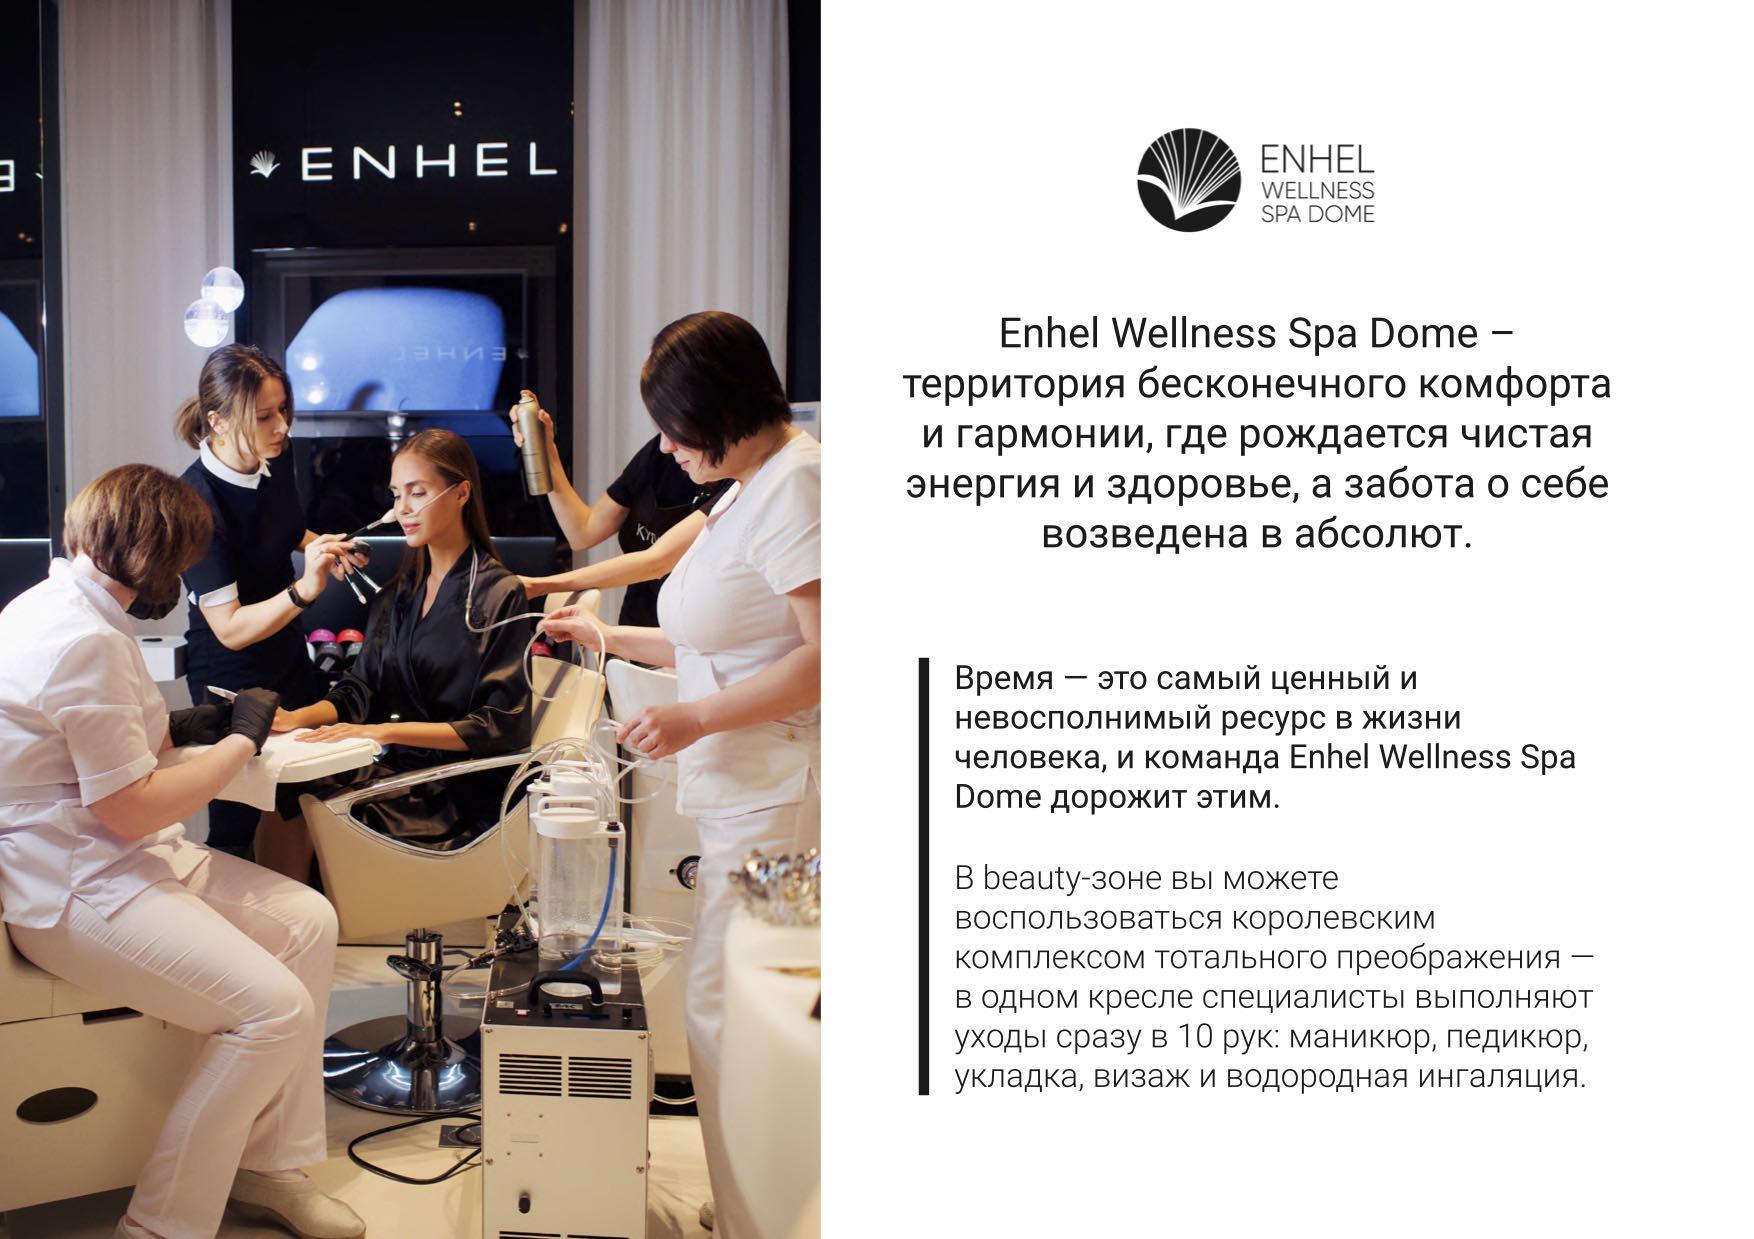 Территория бесконечного комфорта и гармонии Enhel Wellness Spa Dome